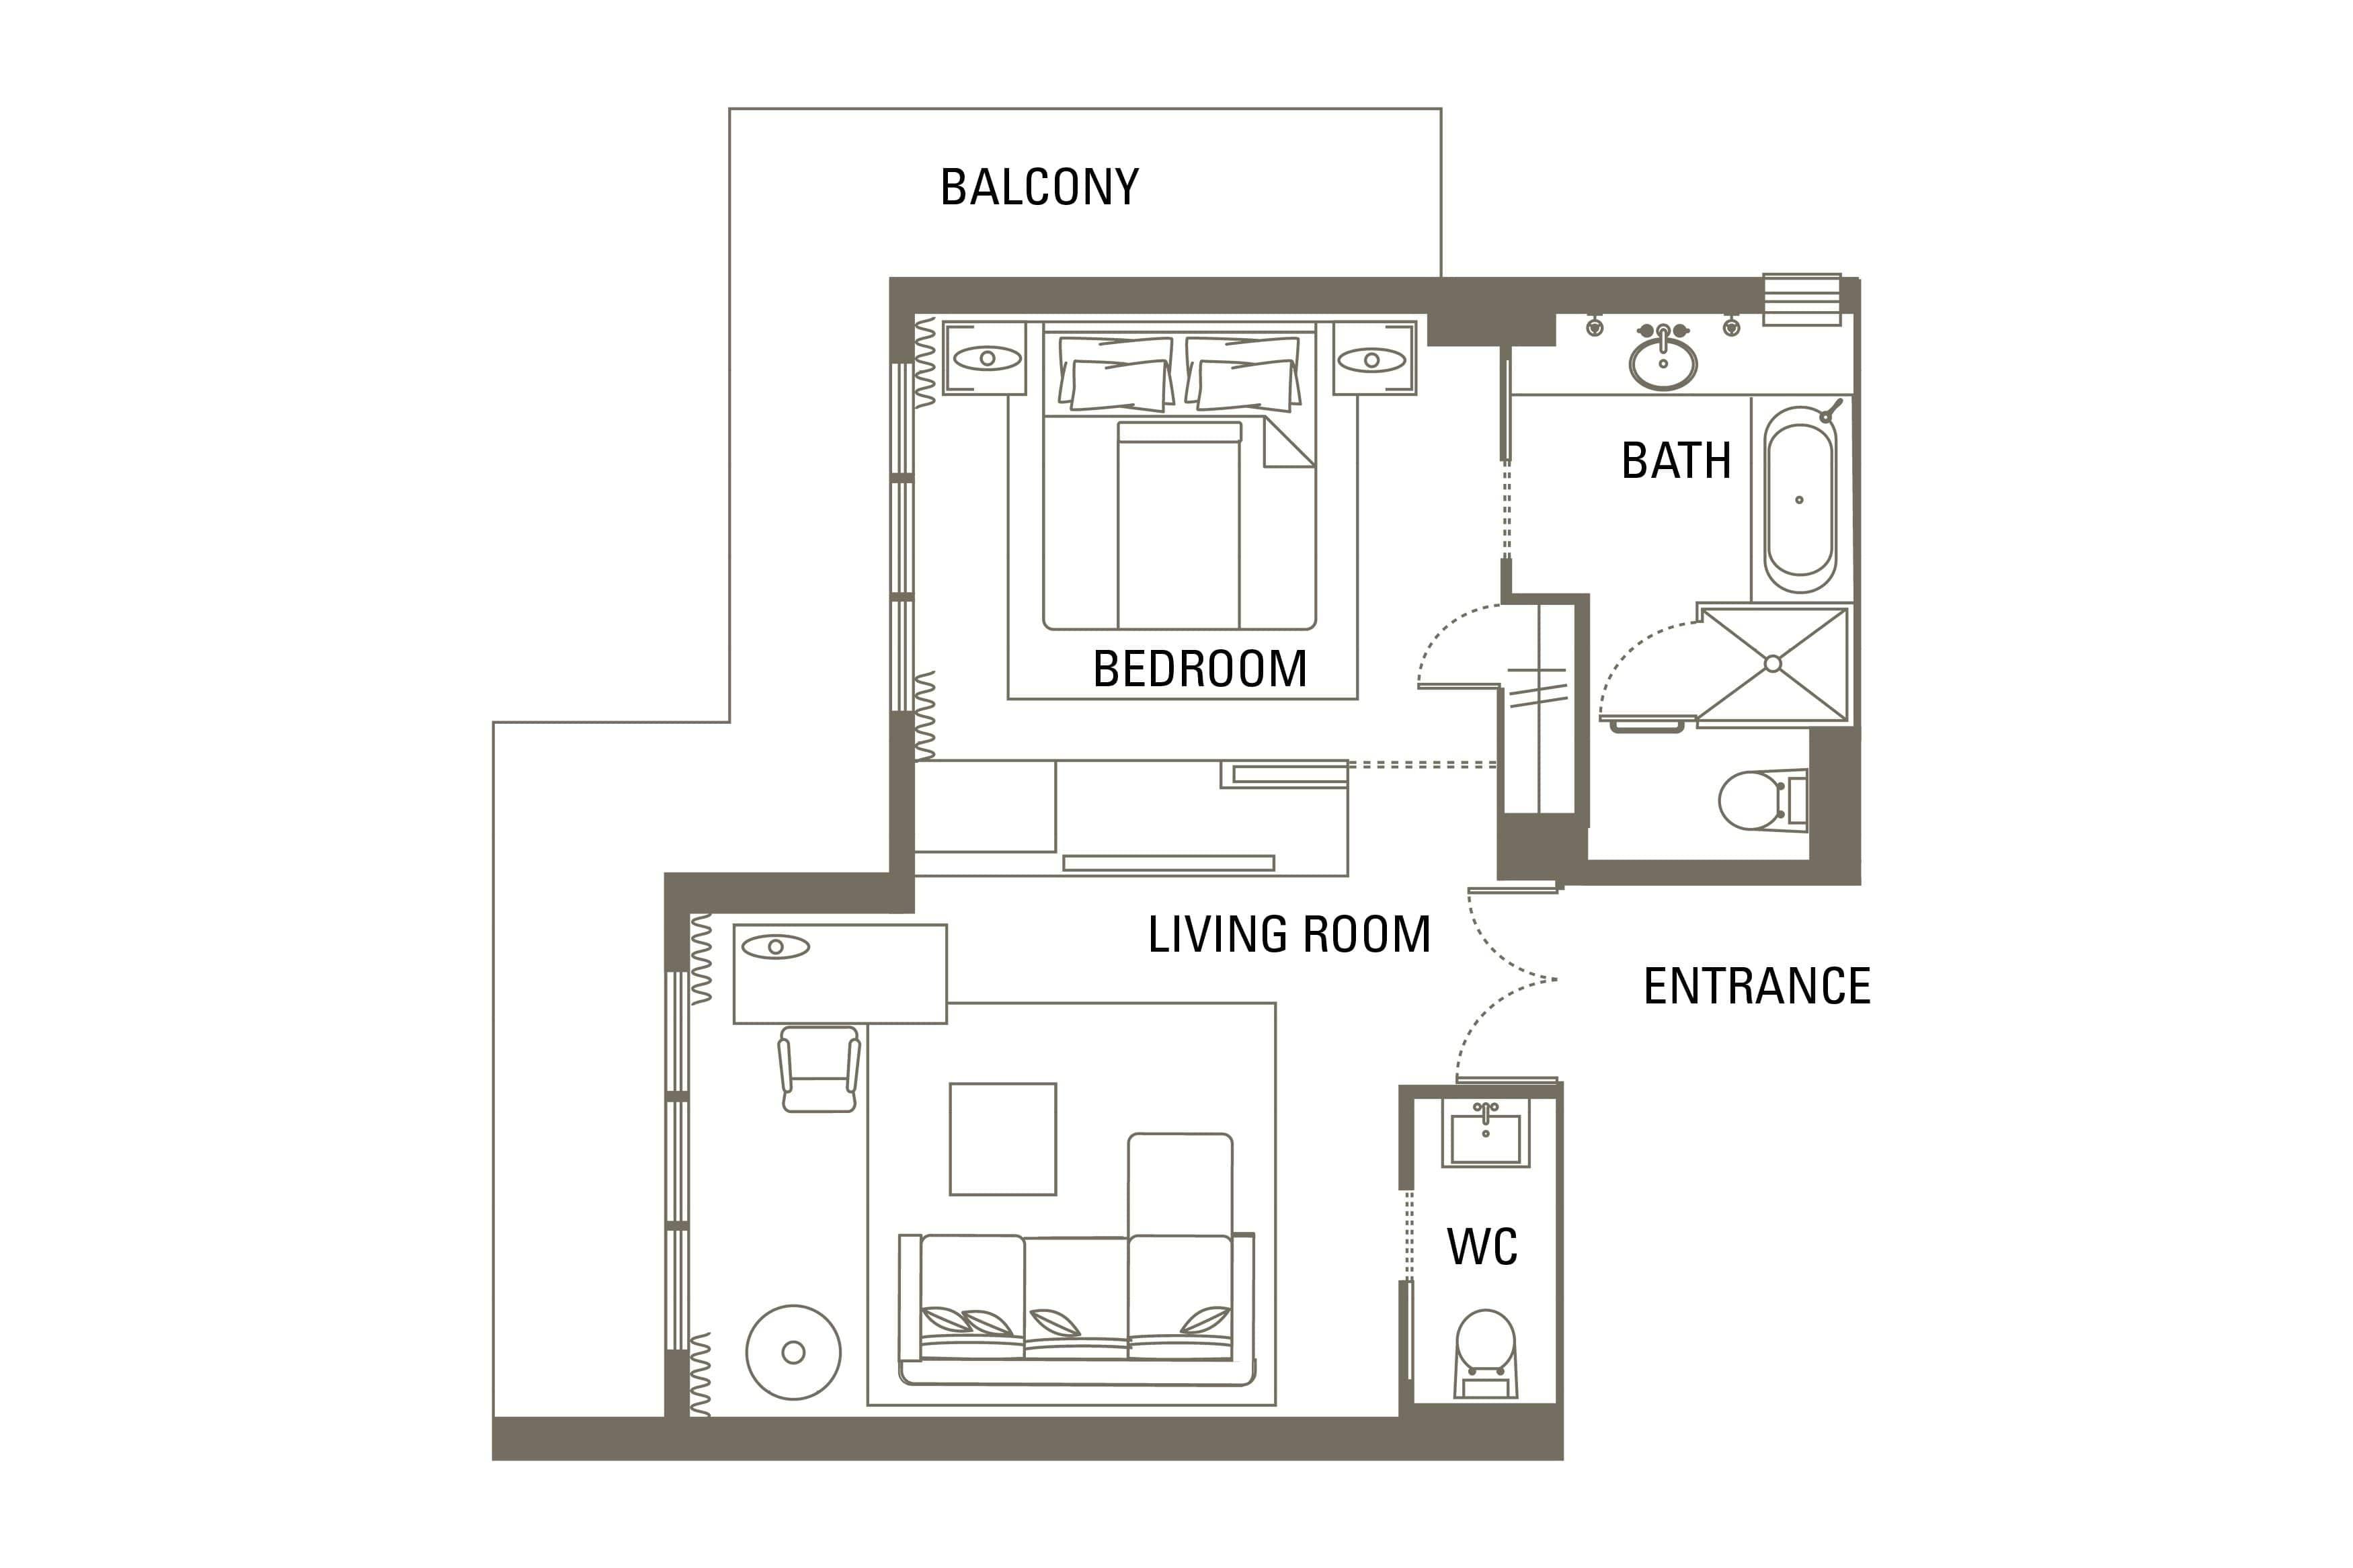 Floorplan In Room Dining Menu